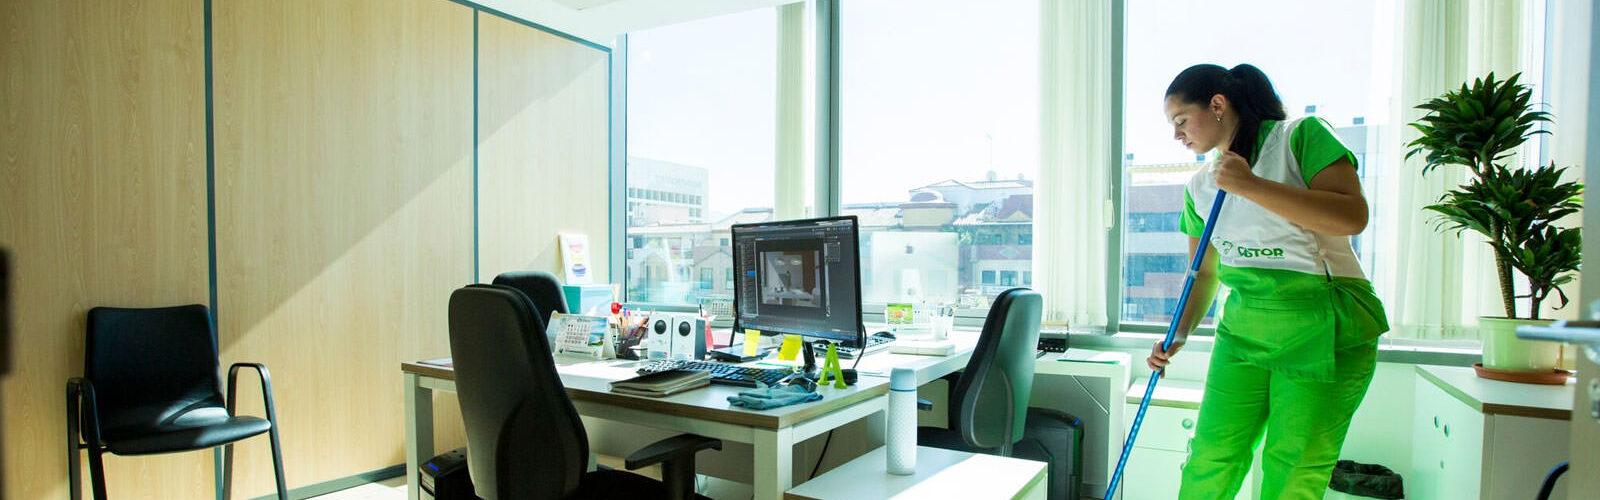 Limpiezas Castor. limpieza-oficinas-malaga-1600x500 Limpieza de oficinas Málaga